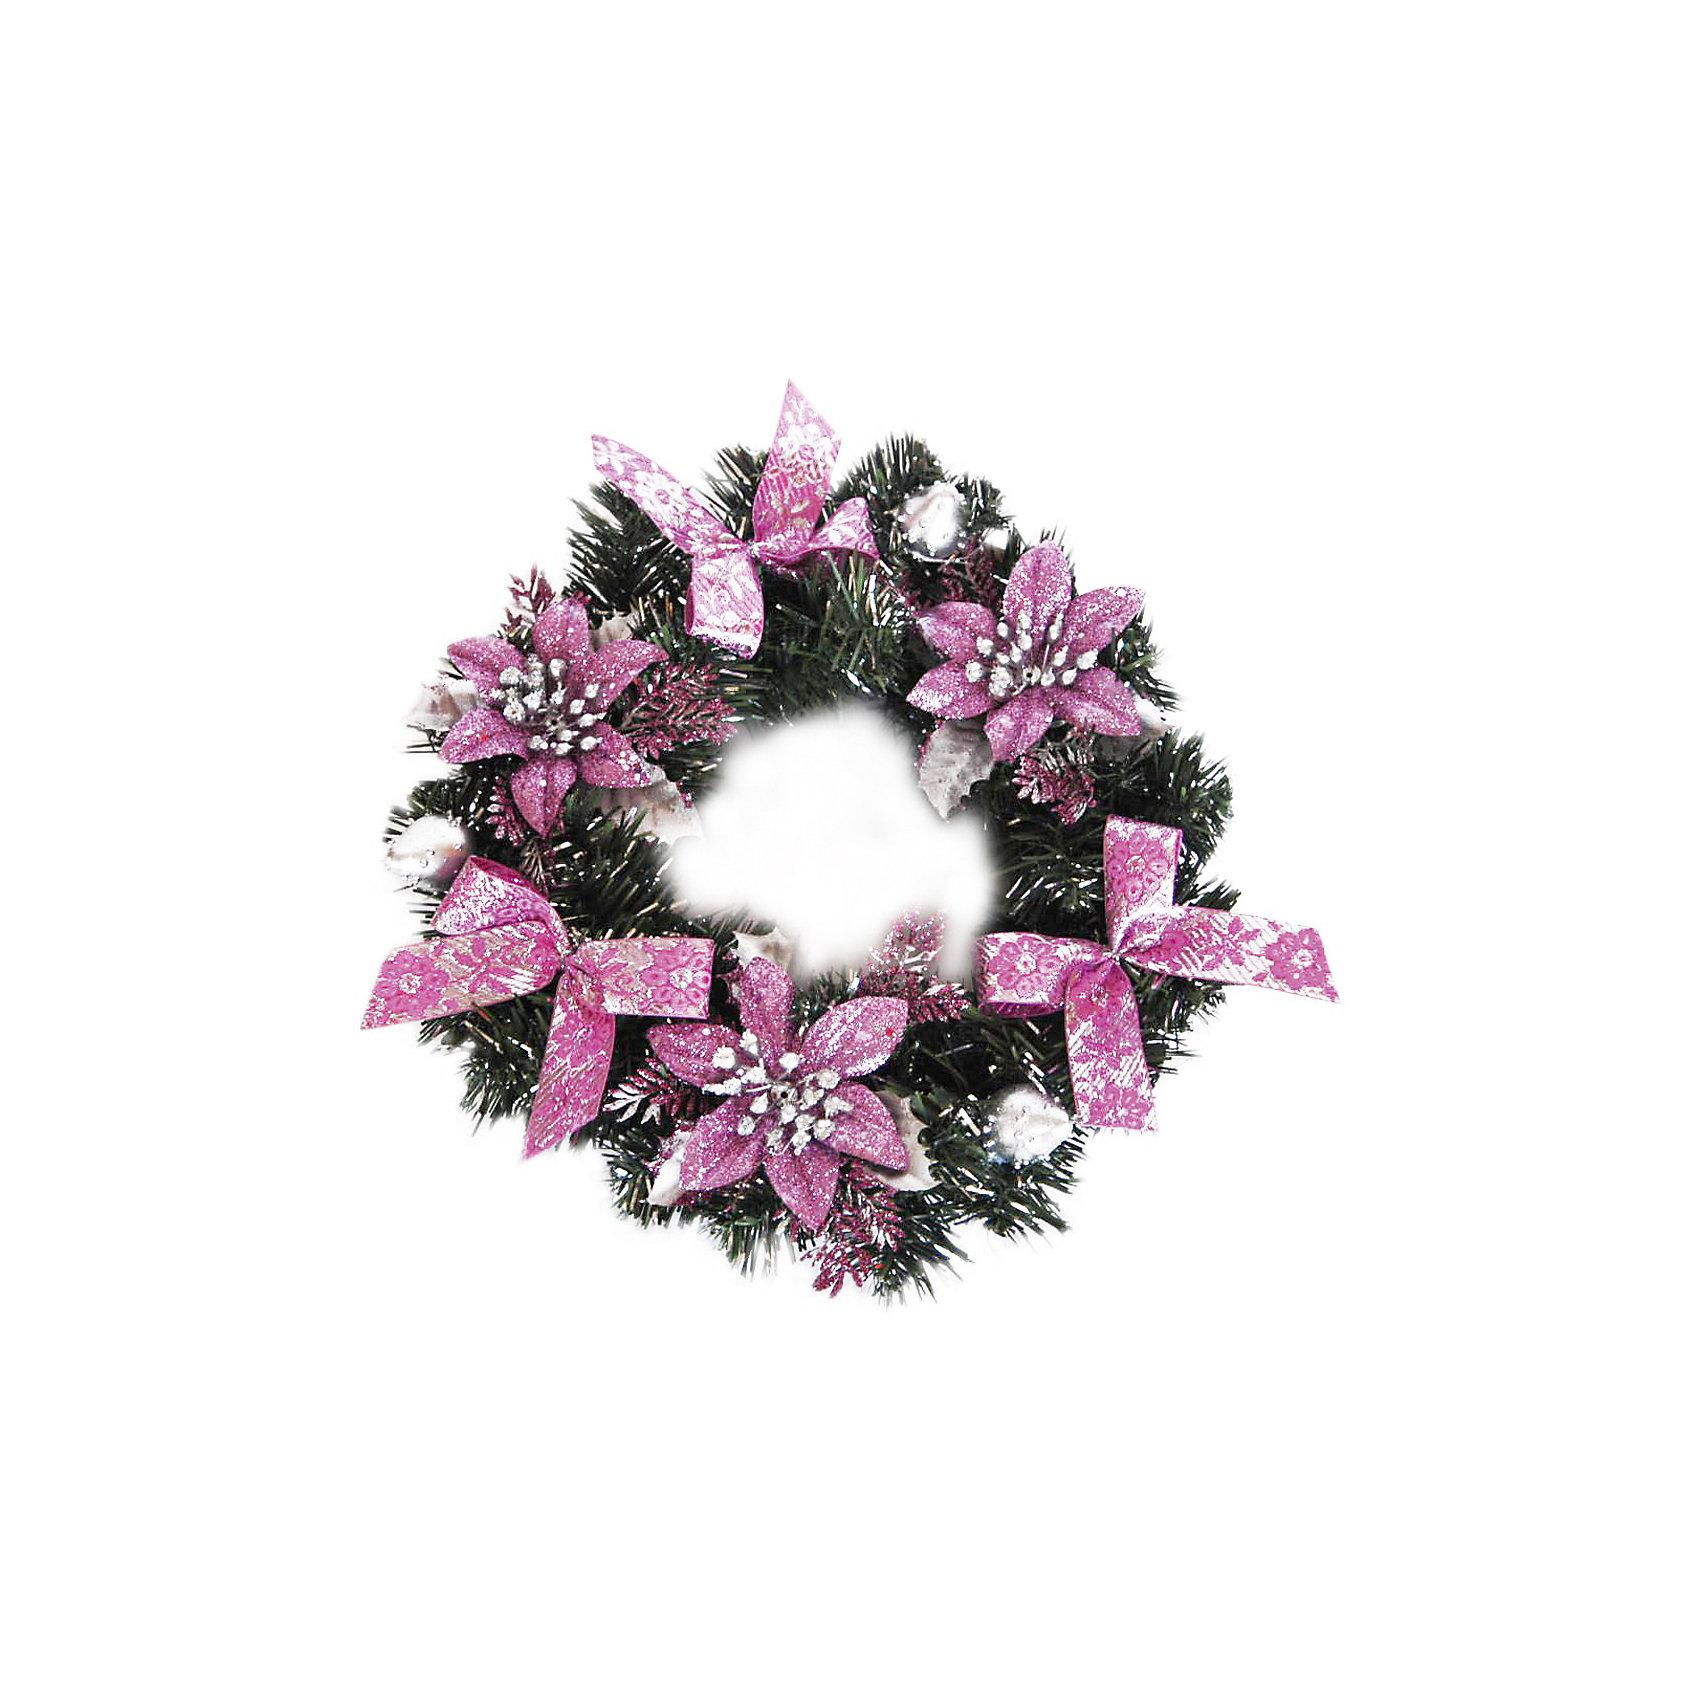 Венок рождественский ,30 см, розовые украшенияВенок рождественский, Волшебная страна станет замечательным украшением Вашего интерьера и поможет создать волшебную атмосферу новогодних и рождественских<br>праздников. Нарядный, искусно выполненный венок в виде еловых веток украшен розовыми цветами и бантиками. Венок можно повесить на двери или стены комнаты, он будет<br>чудесно смотреться и радовать детей и взрослых. <br><br>Дополнительная информация:<br><br>- Цвет украшений: розовый.<br>- Диаметр венка: 30 см.<br>- Размер упаковки: 29,2 х 8,5 х 28,4 см.<br>- Вес: 0,202 кг. <br><br>Венок рождественский, Волшебная страна можно купить в нашем интернет-магазине.<br><br>Ширина мм: 520<br>Глубина мм: 290<br>Высота мм: 90<br>Вес г: 202<br>Возраст от месяцев: 60<br>Возраст до месяцев: 180<br>Пол: Унисекс<br>Возраст: Детский<br>SKU: 3791296